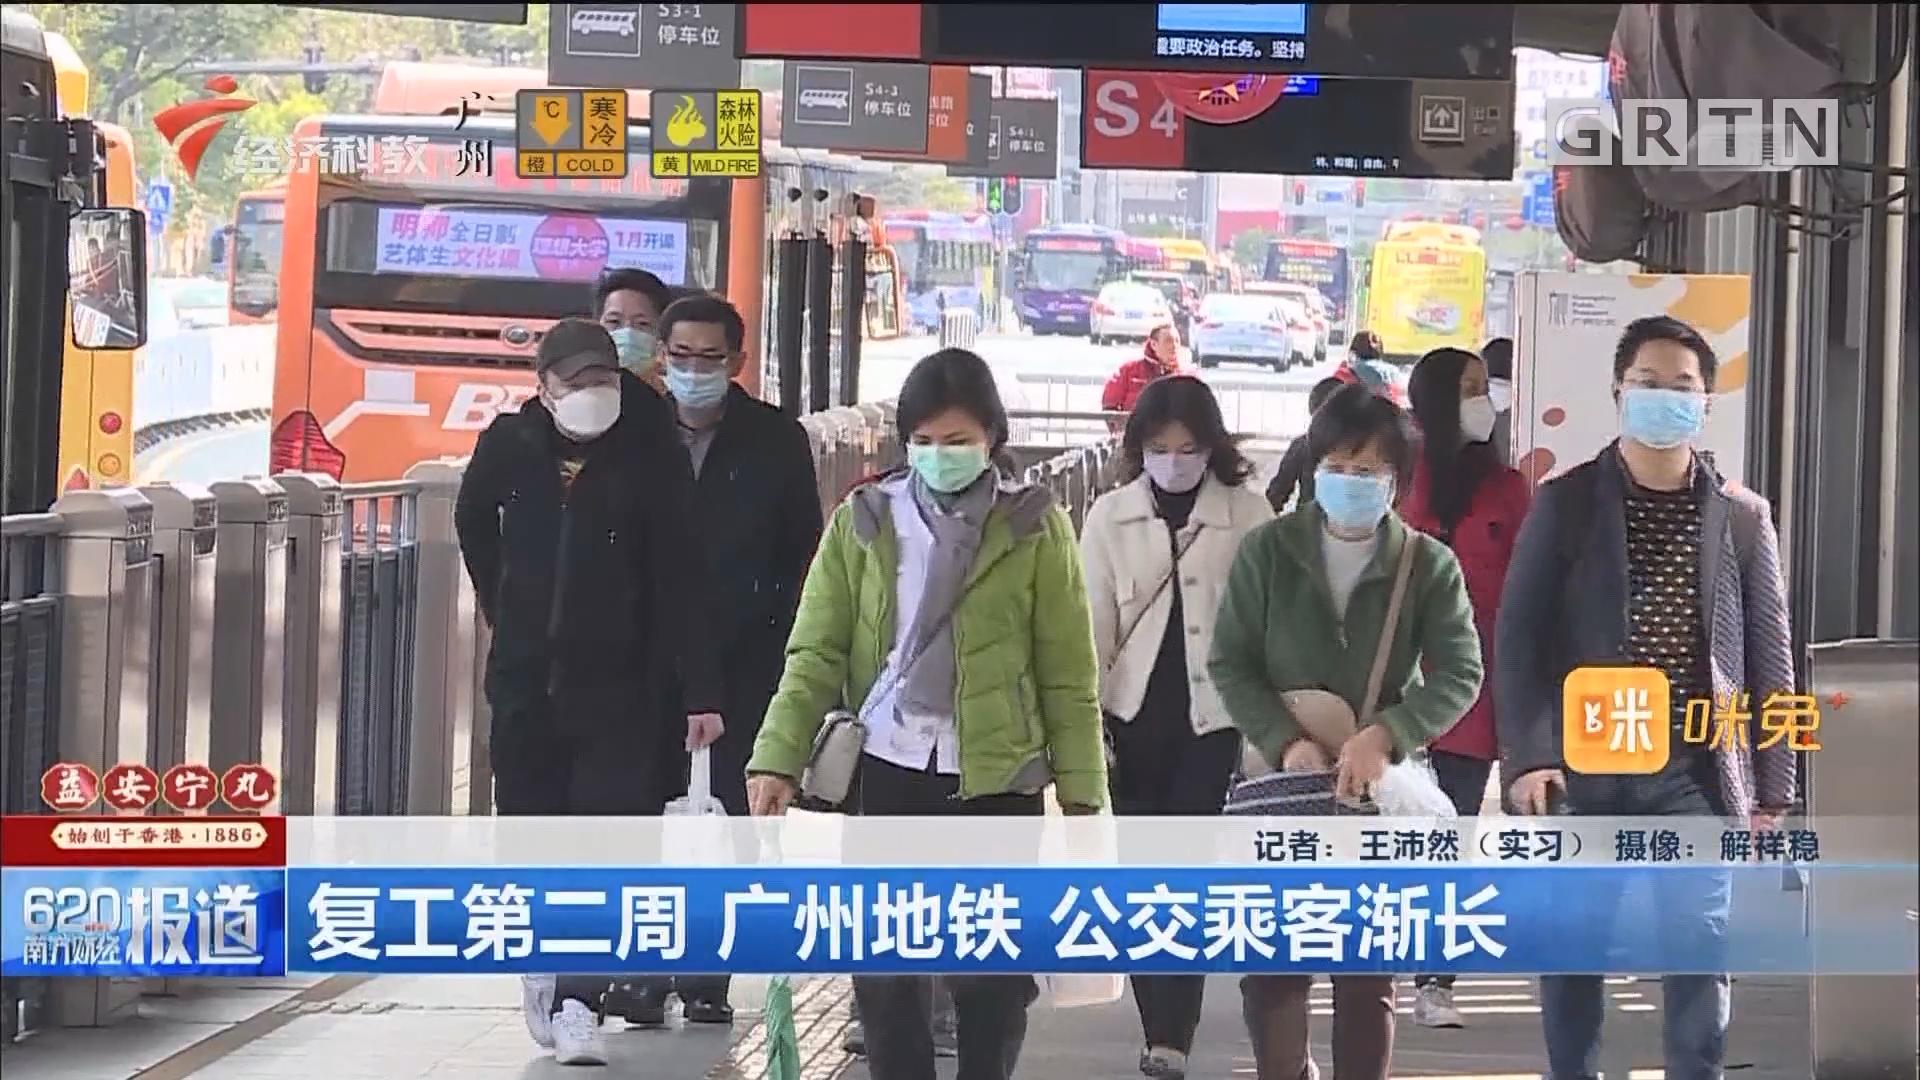 复工第二周 广州地铁 公交乘客渐长